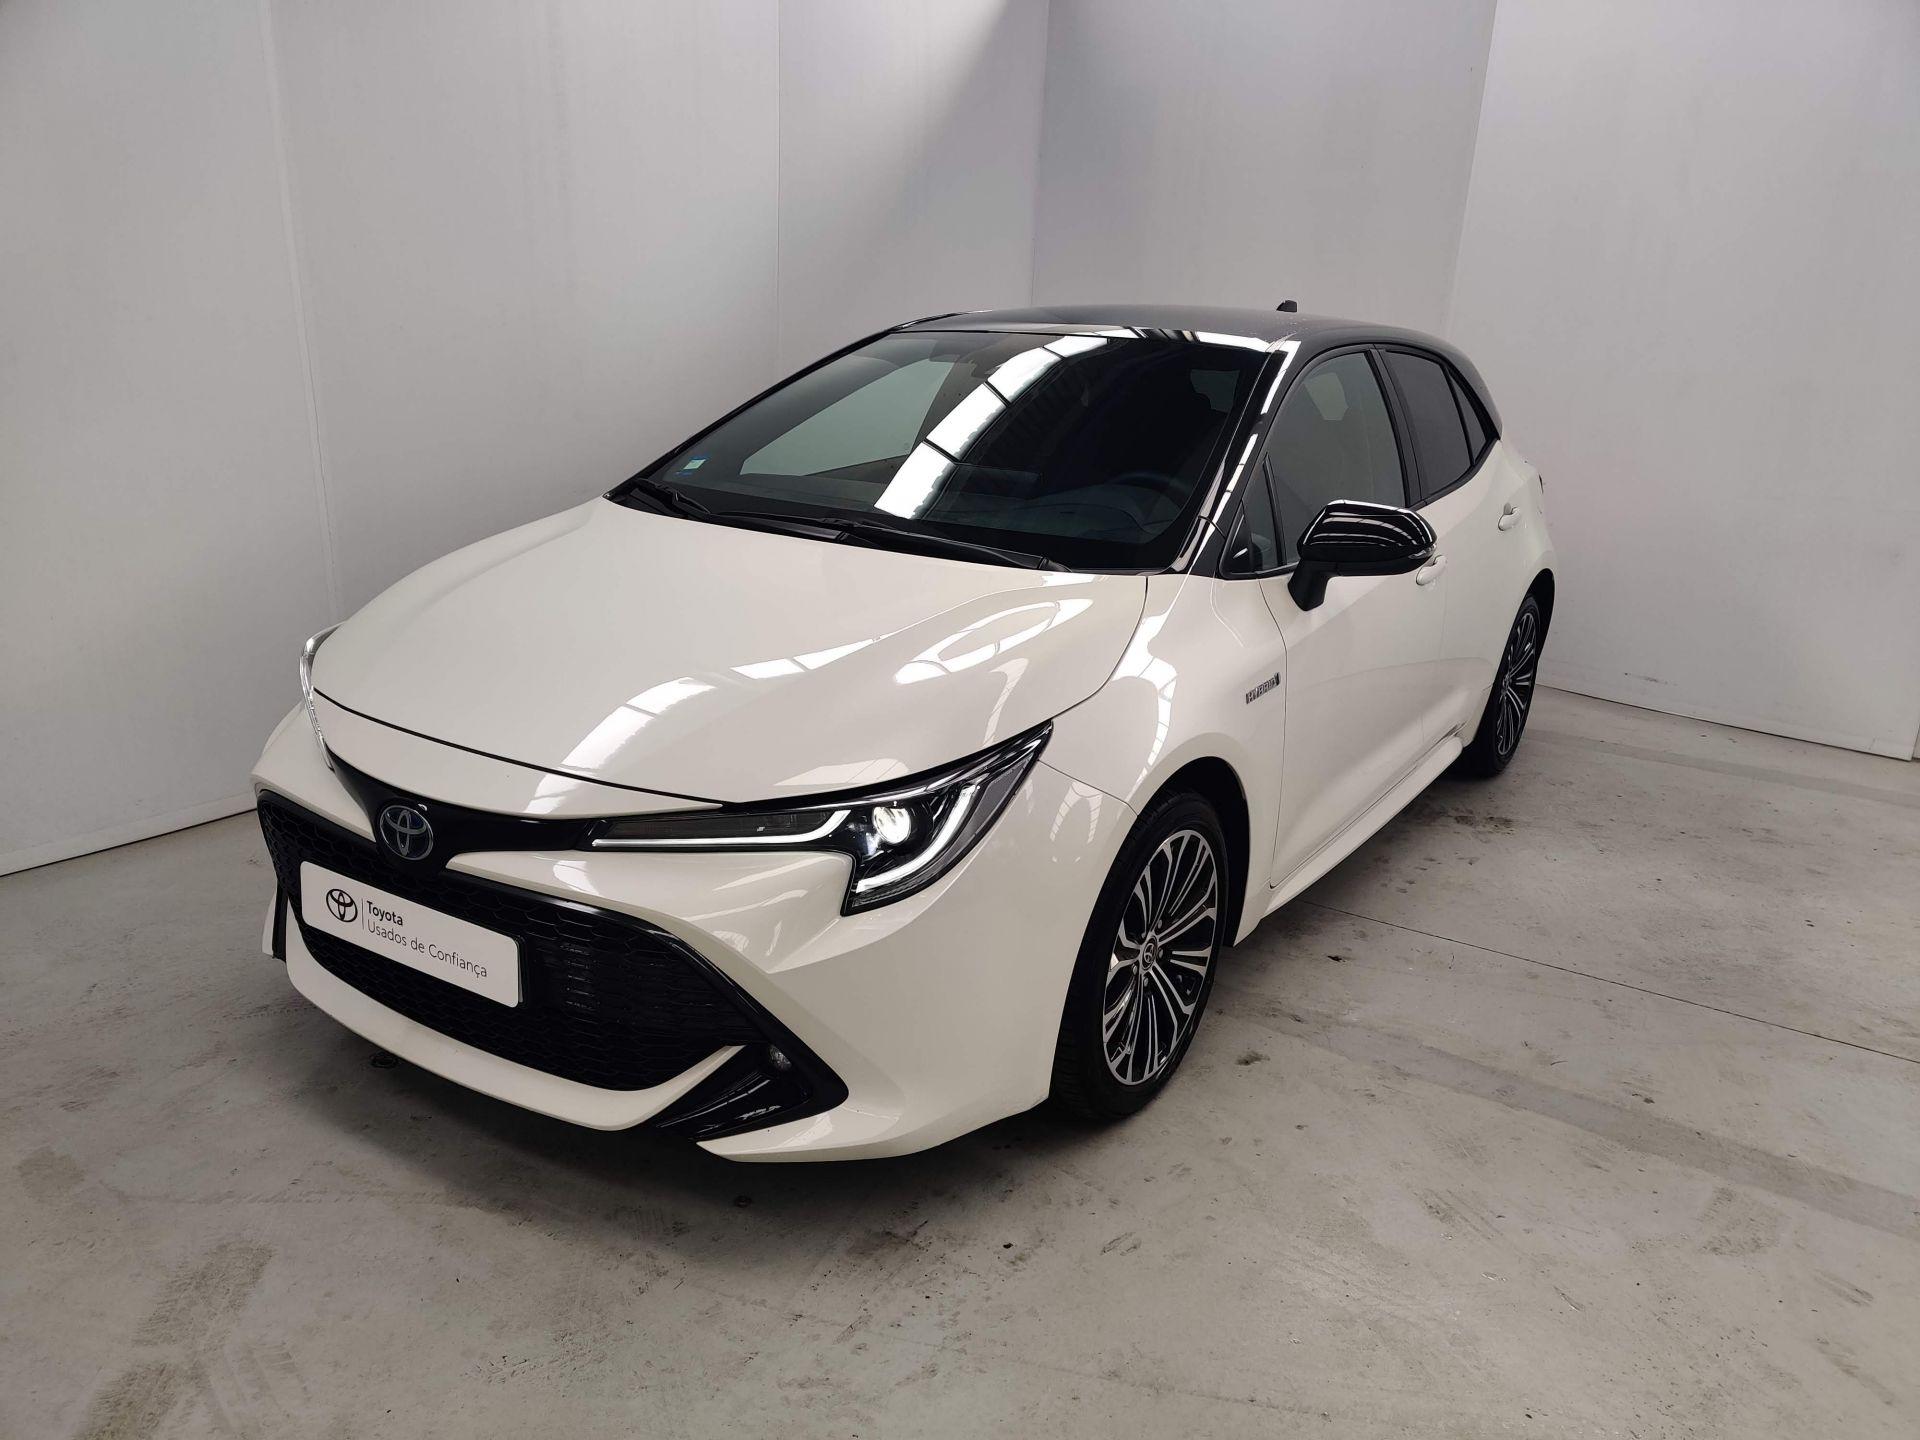 Toyota Corolla 1.8 Hybrid SQUARE Collection segunda mão Braga